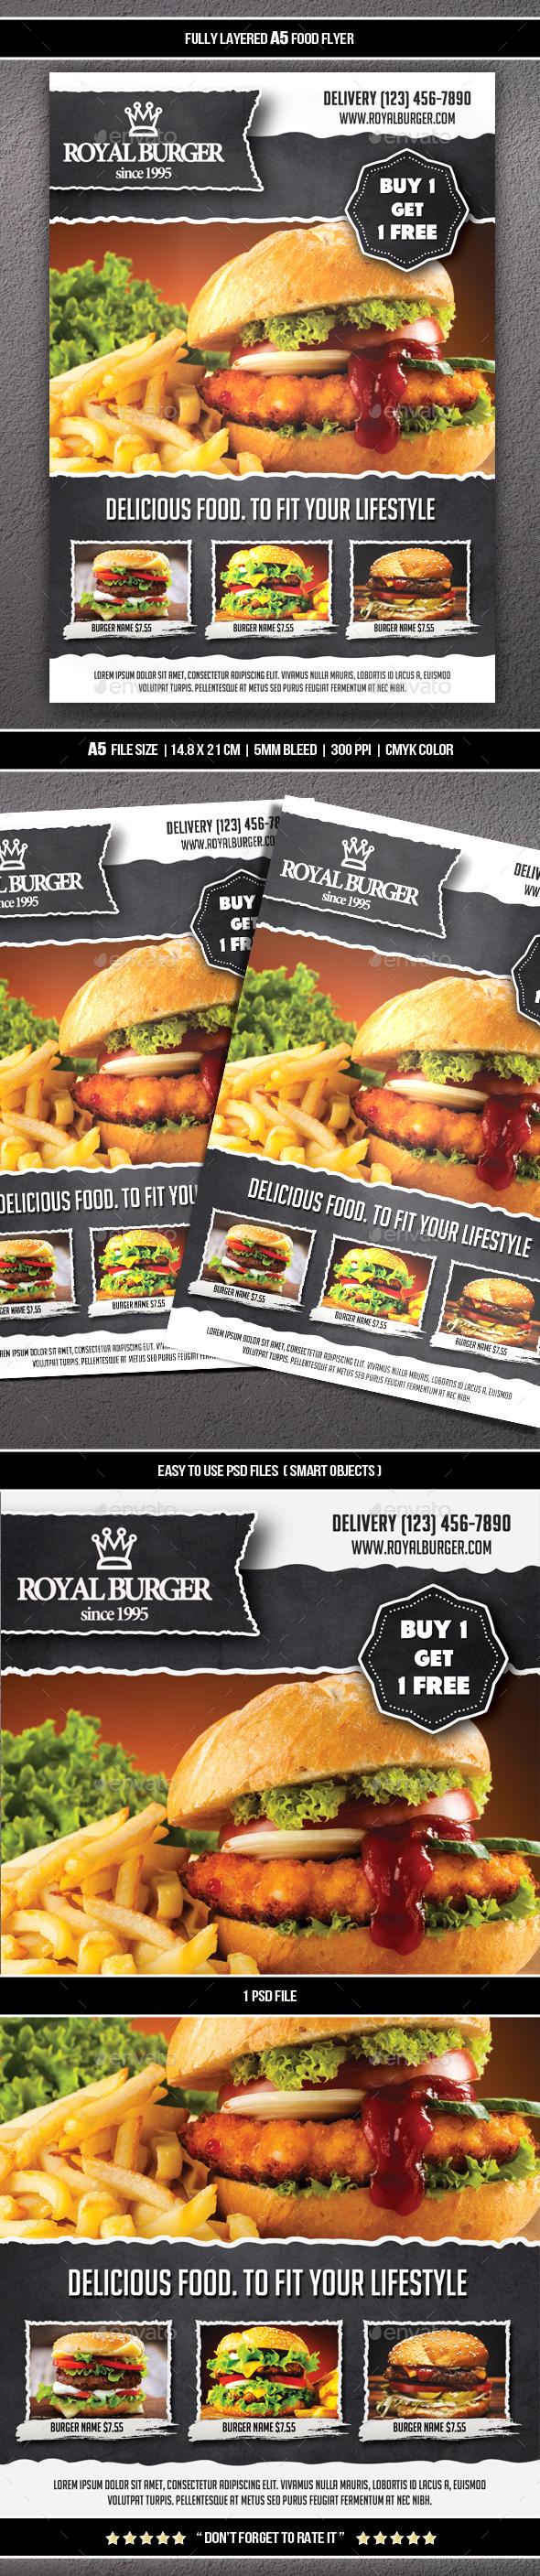 Food Flyer 11 (A5)